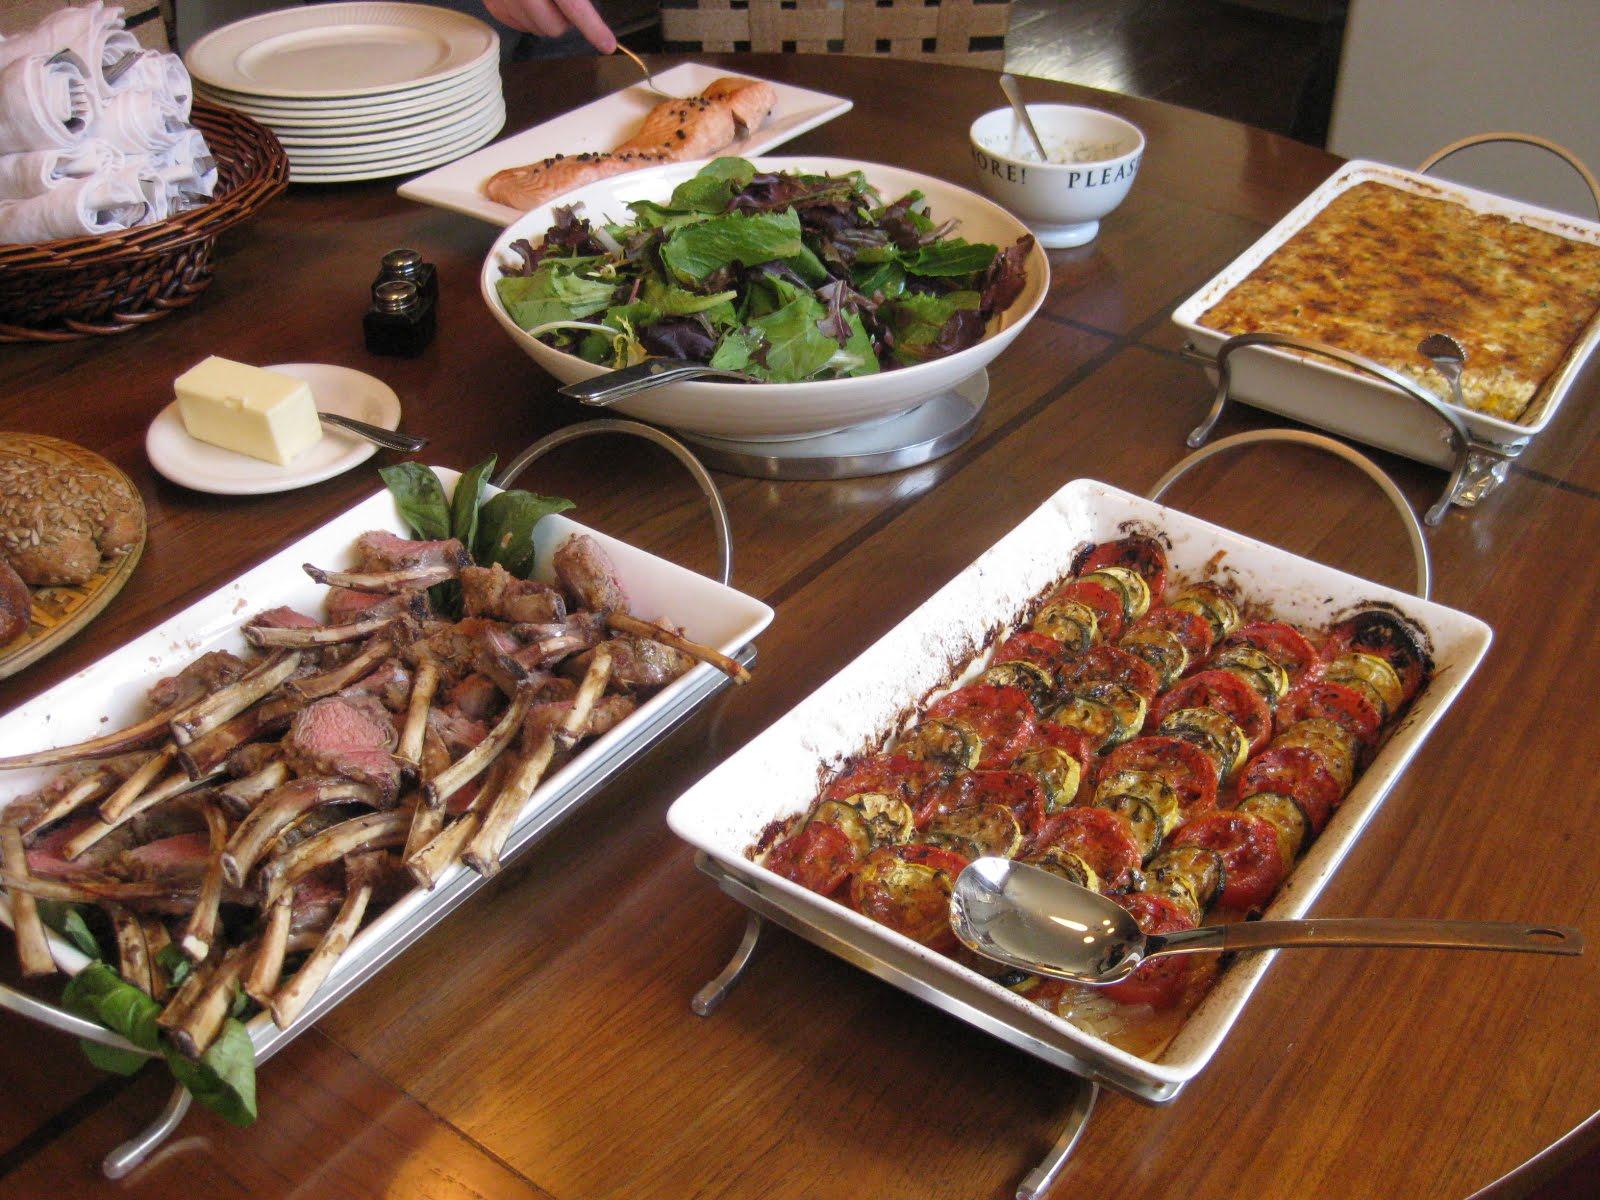 menu idea for dinner party credainatcon com rh credainatcon com buffet menu ideas for weddings buffet menu ideas and recipes